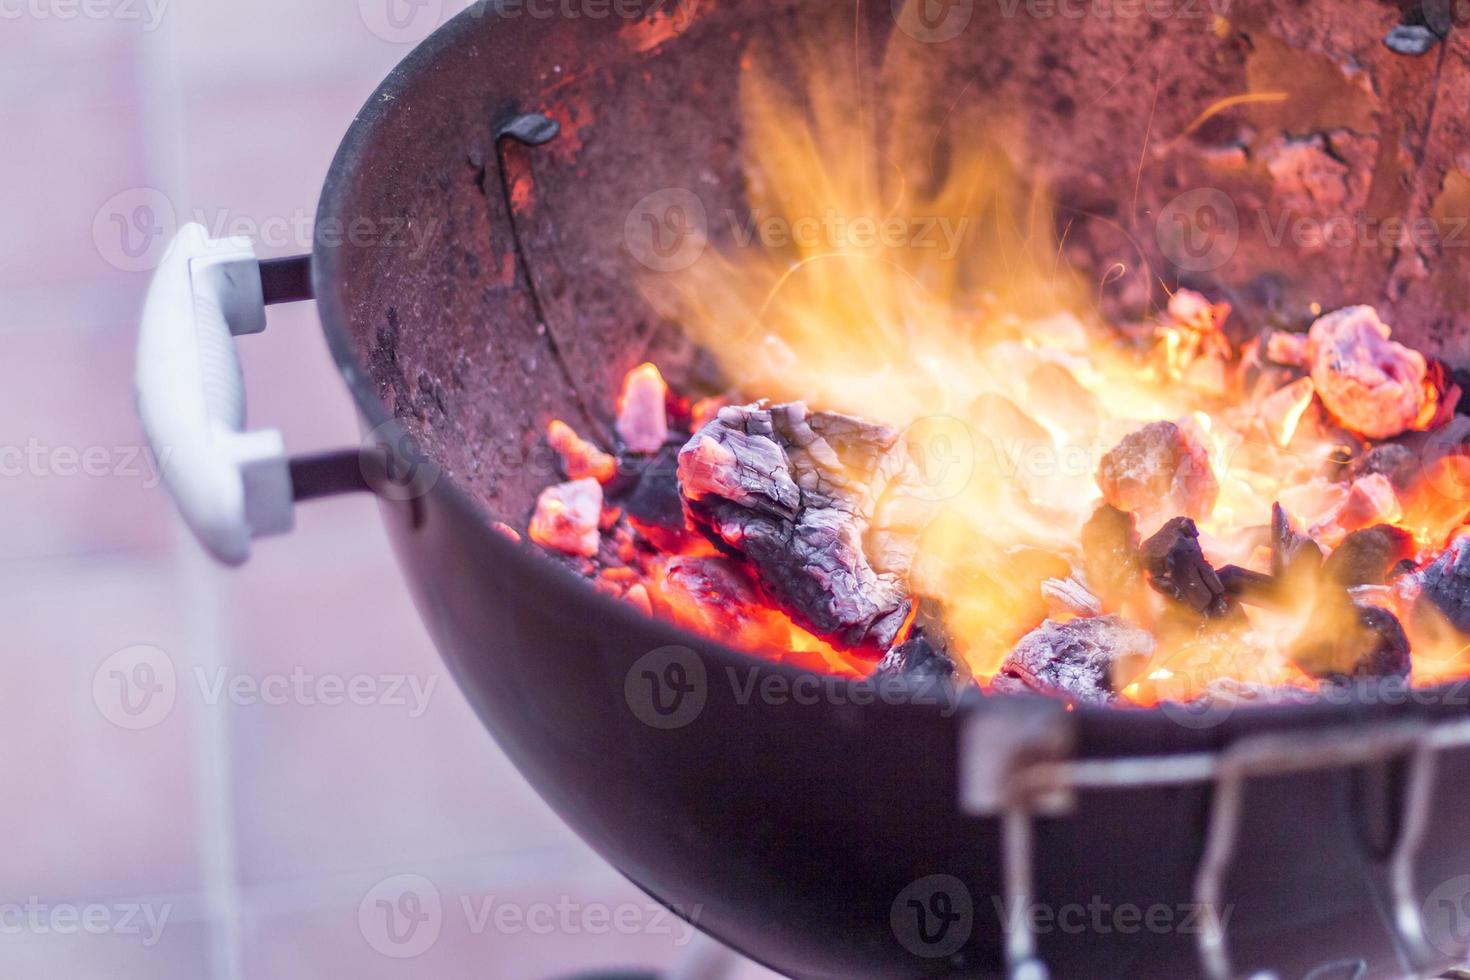 zomer barbecue foto